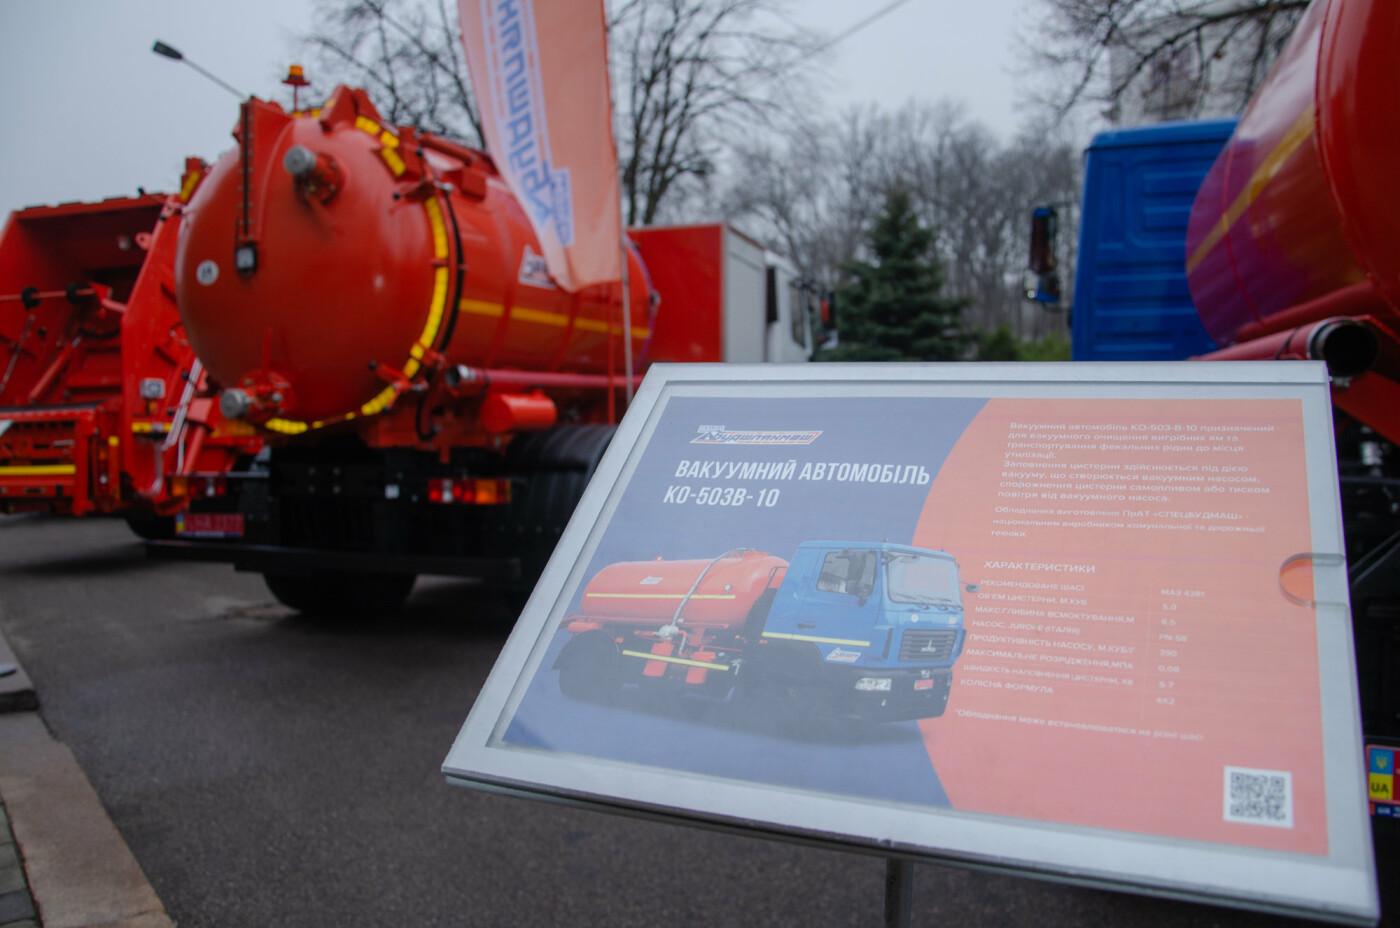 В Днепре устроили выставку новинок коммунальной и транспортной техники, - ФОТО, фото-8